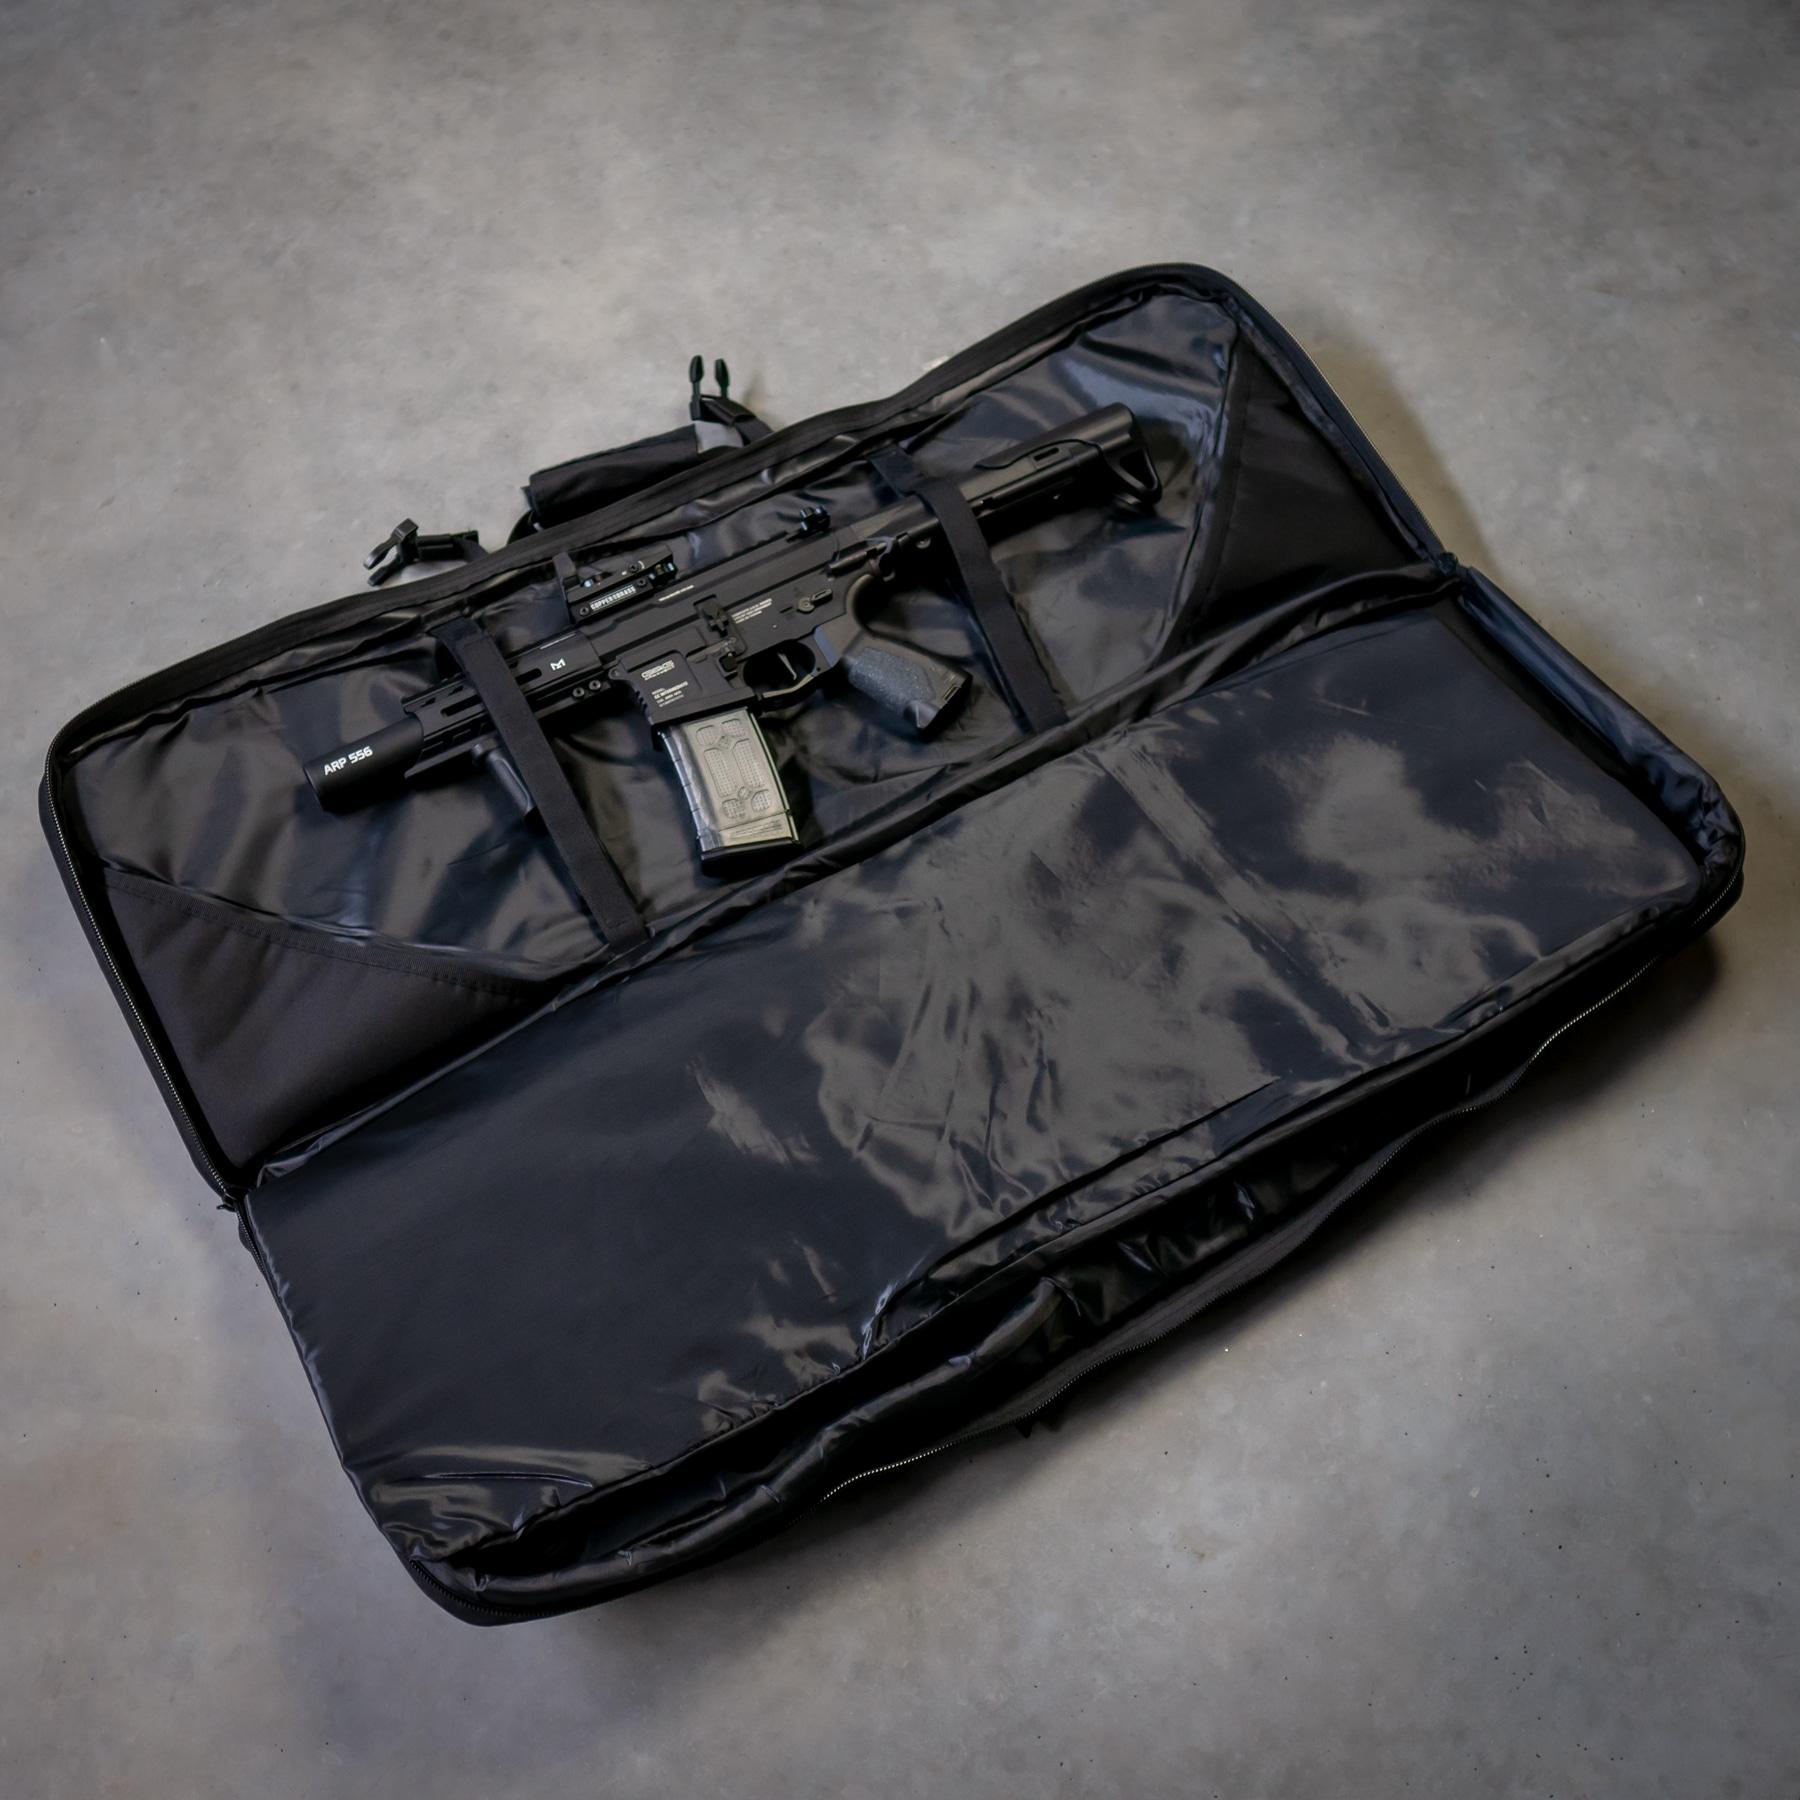 Airsoft-Tasche-Gewehr-schwarz-Shop